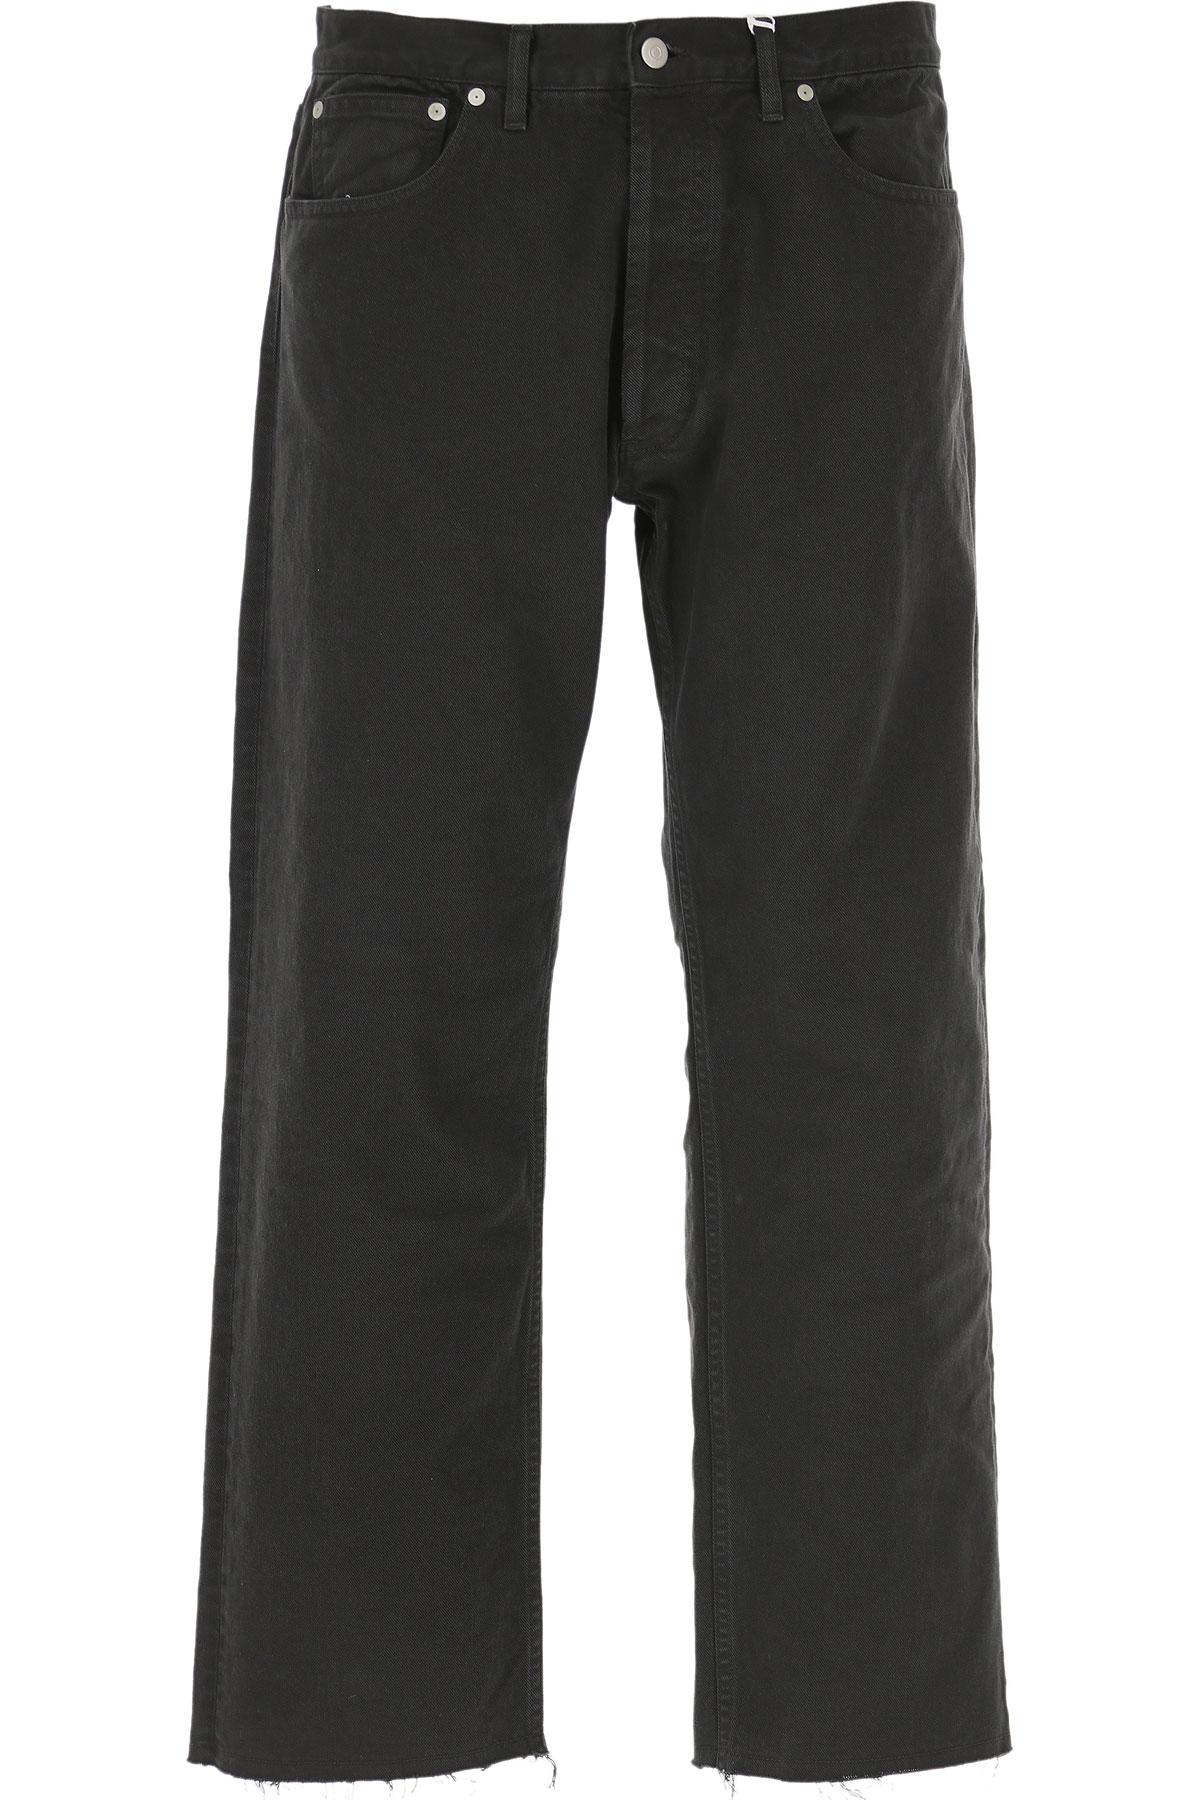 Maison Martin Margiela Jeans On Sale, Black, Cotton, 2019, 30 31 32 33 34 37 38